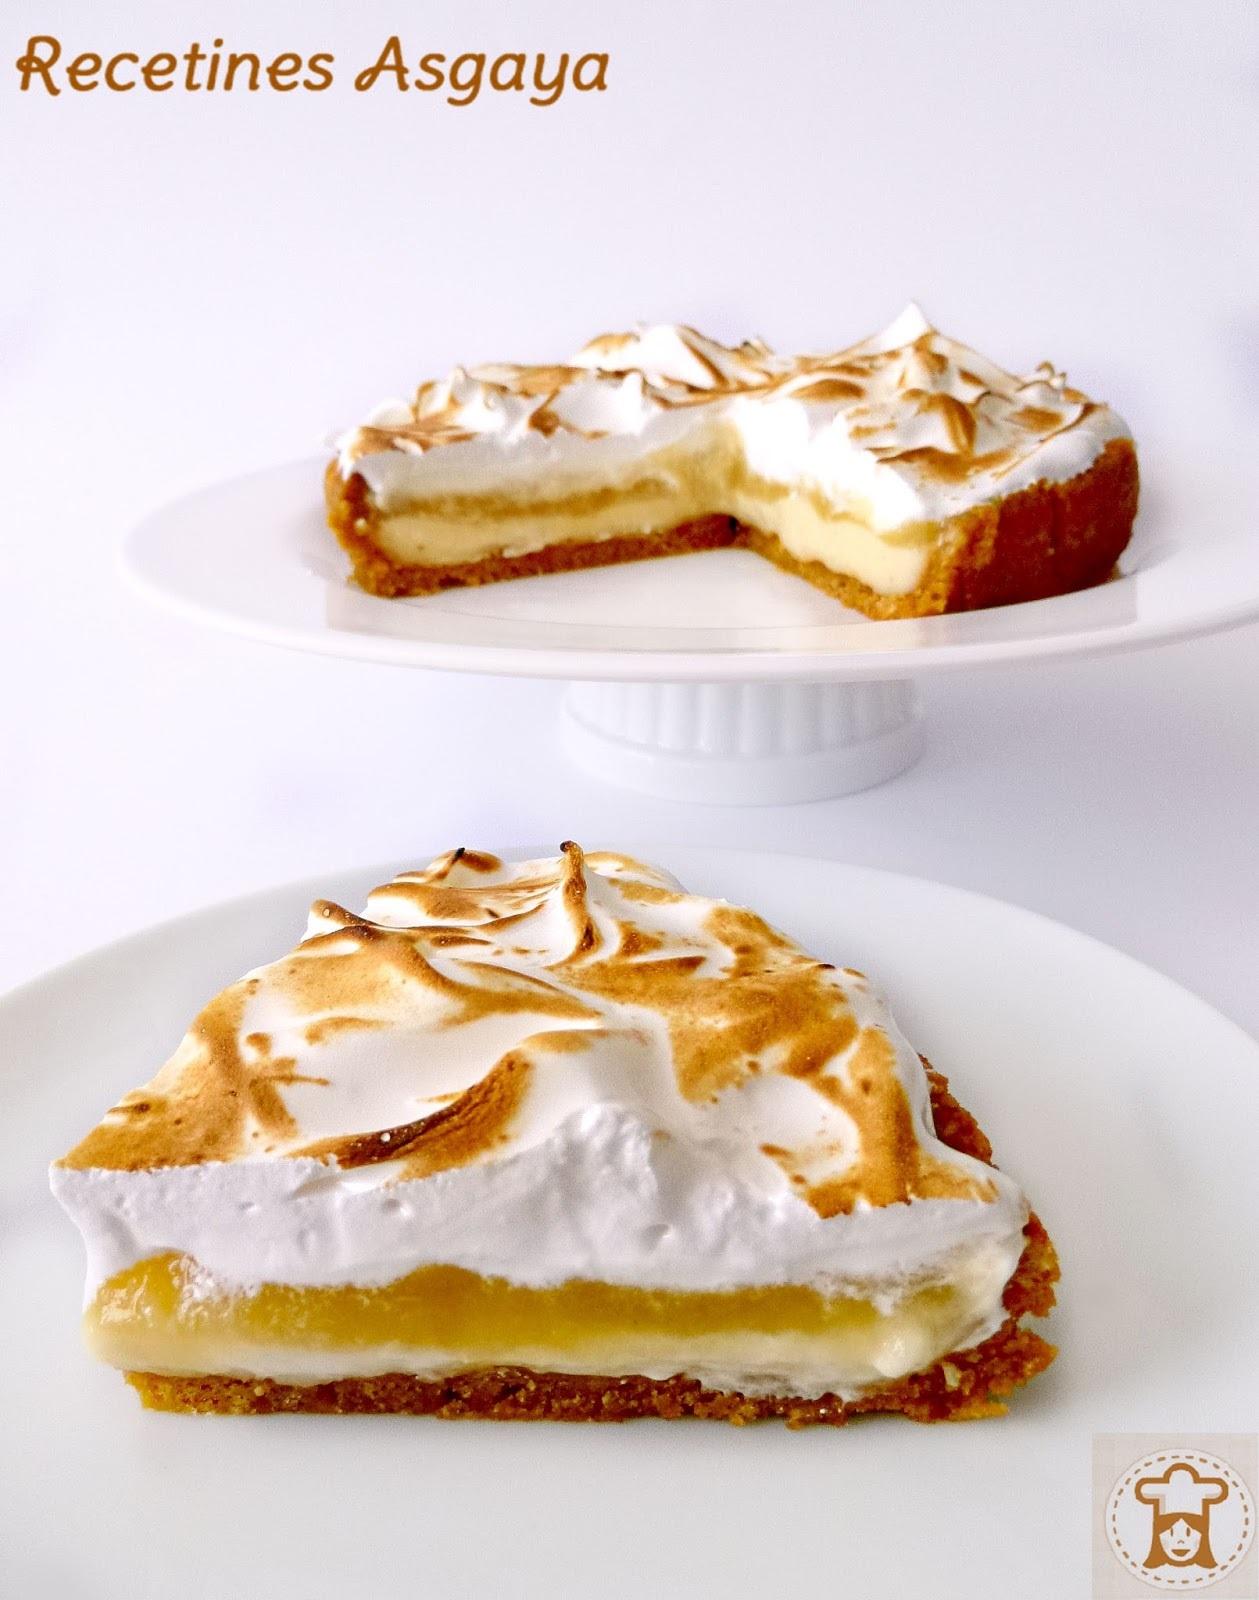 Tarta de Merengue, Manzana y Pera..¡Felicidades Degustabox!